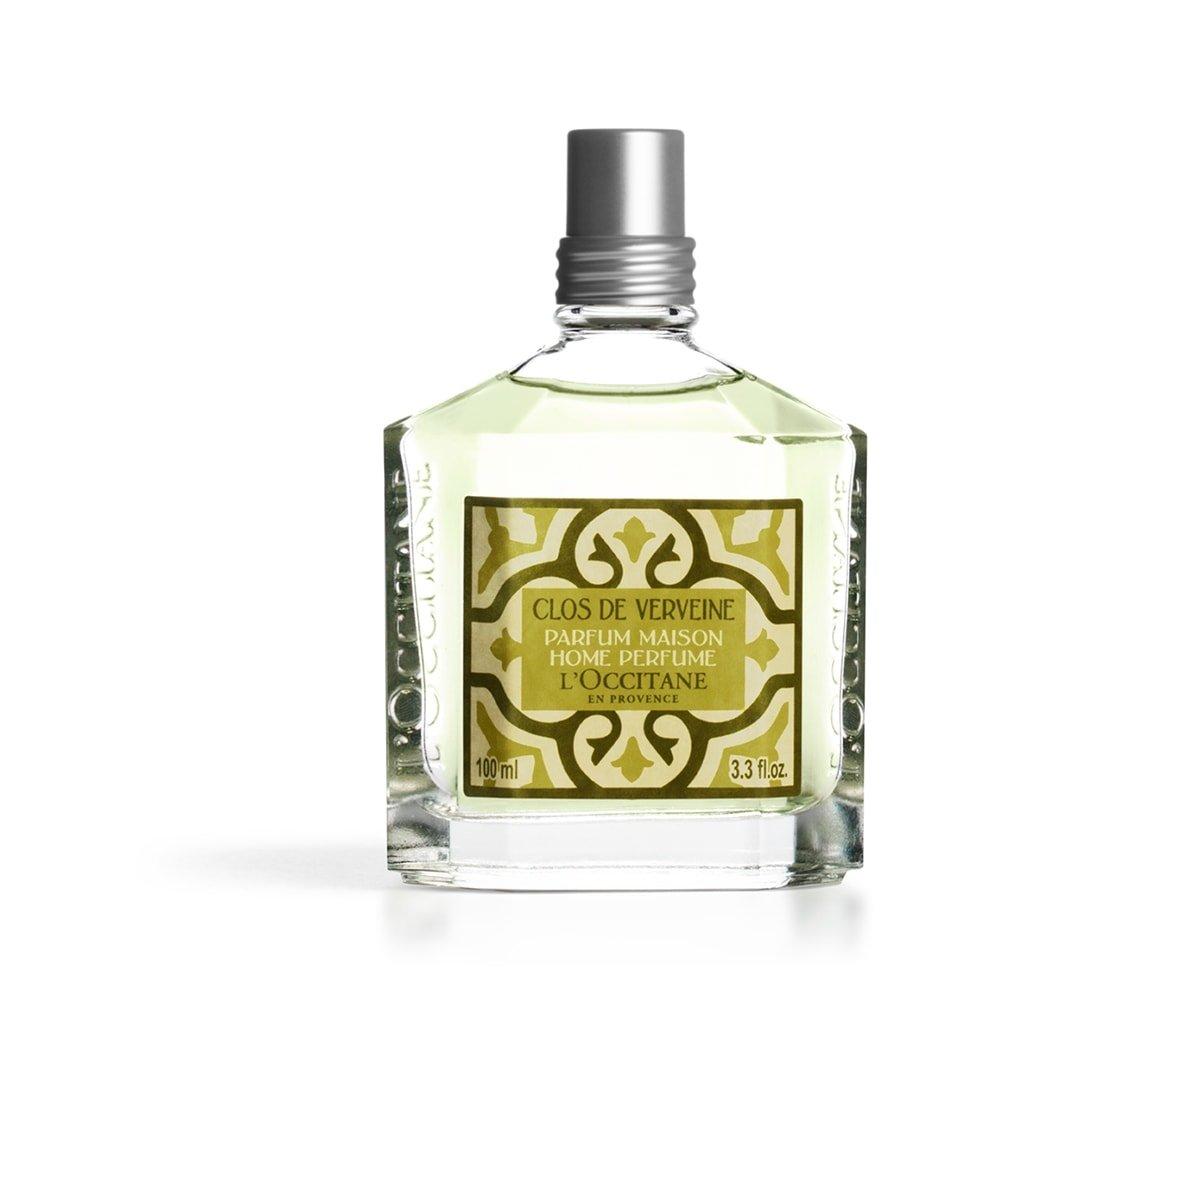 Profumo per la Casa Clos de Verveine - 100 ml L' Occitane